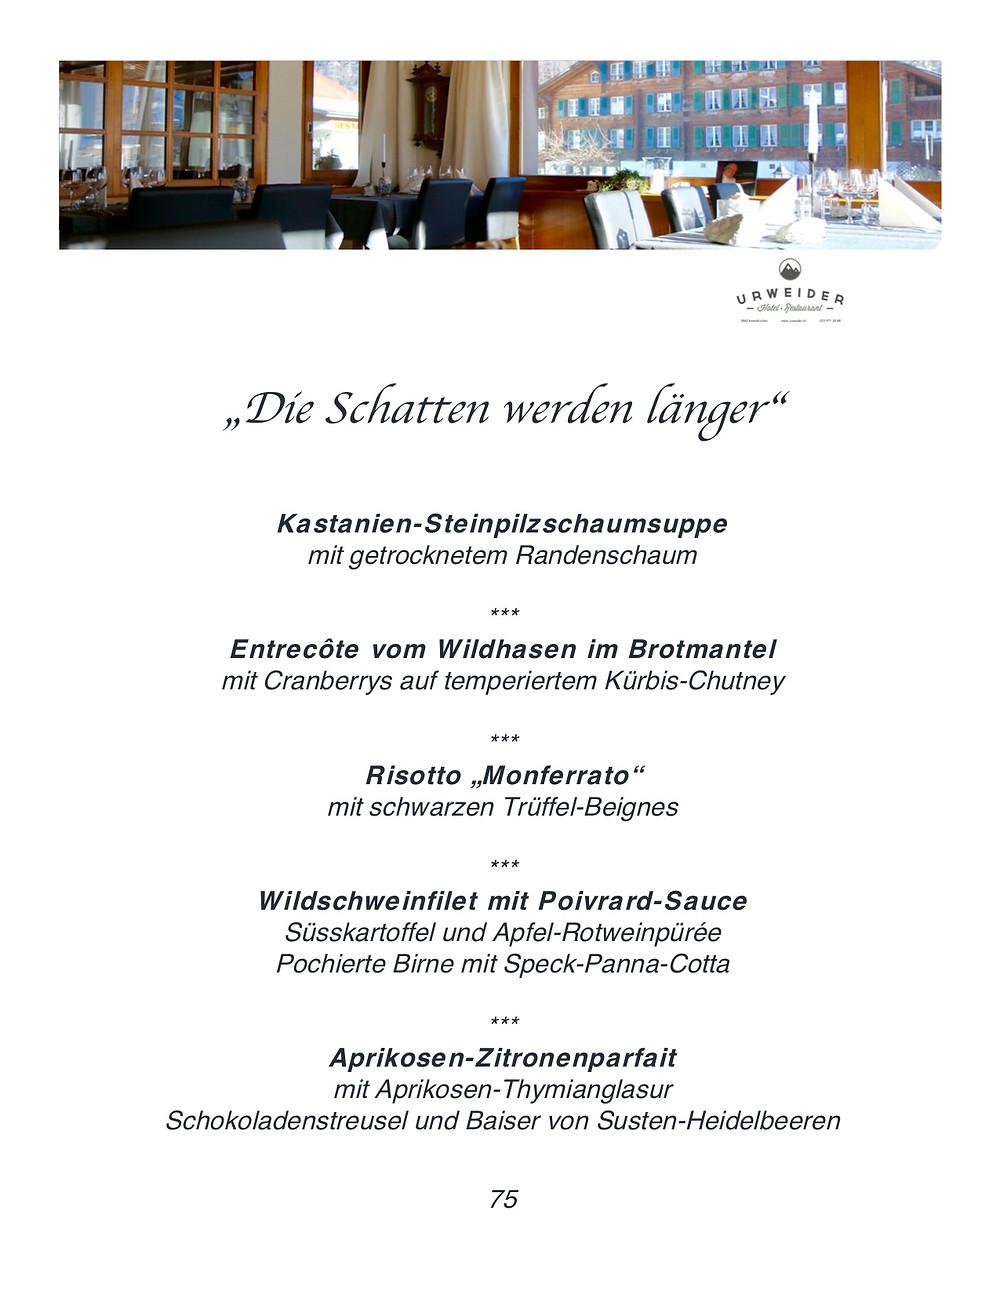 Essen Schlemmen im Haslital Hotel Restaurant Urweider Jungfrau Region Berner Oberland in der Schweiz